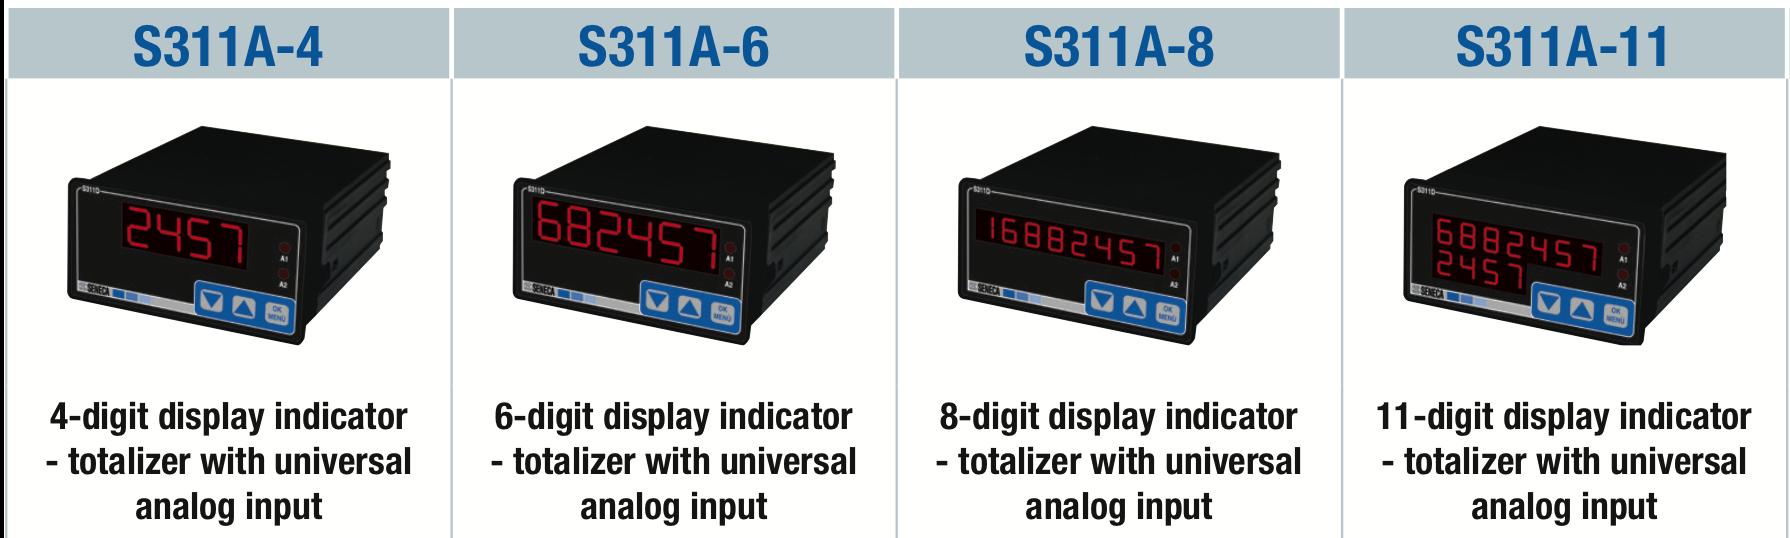 bộ hiển thị đa năng S311A